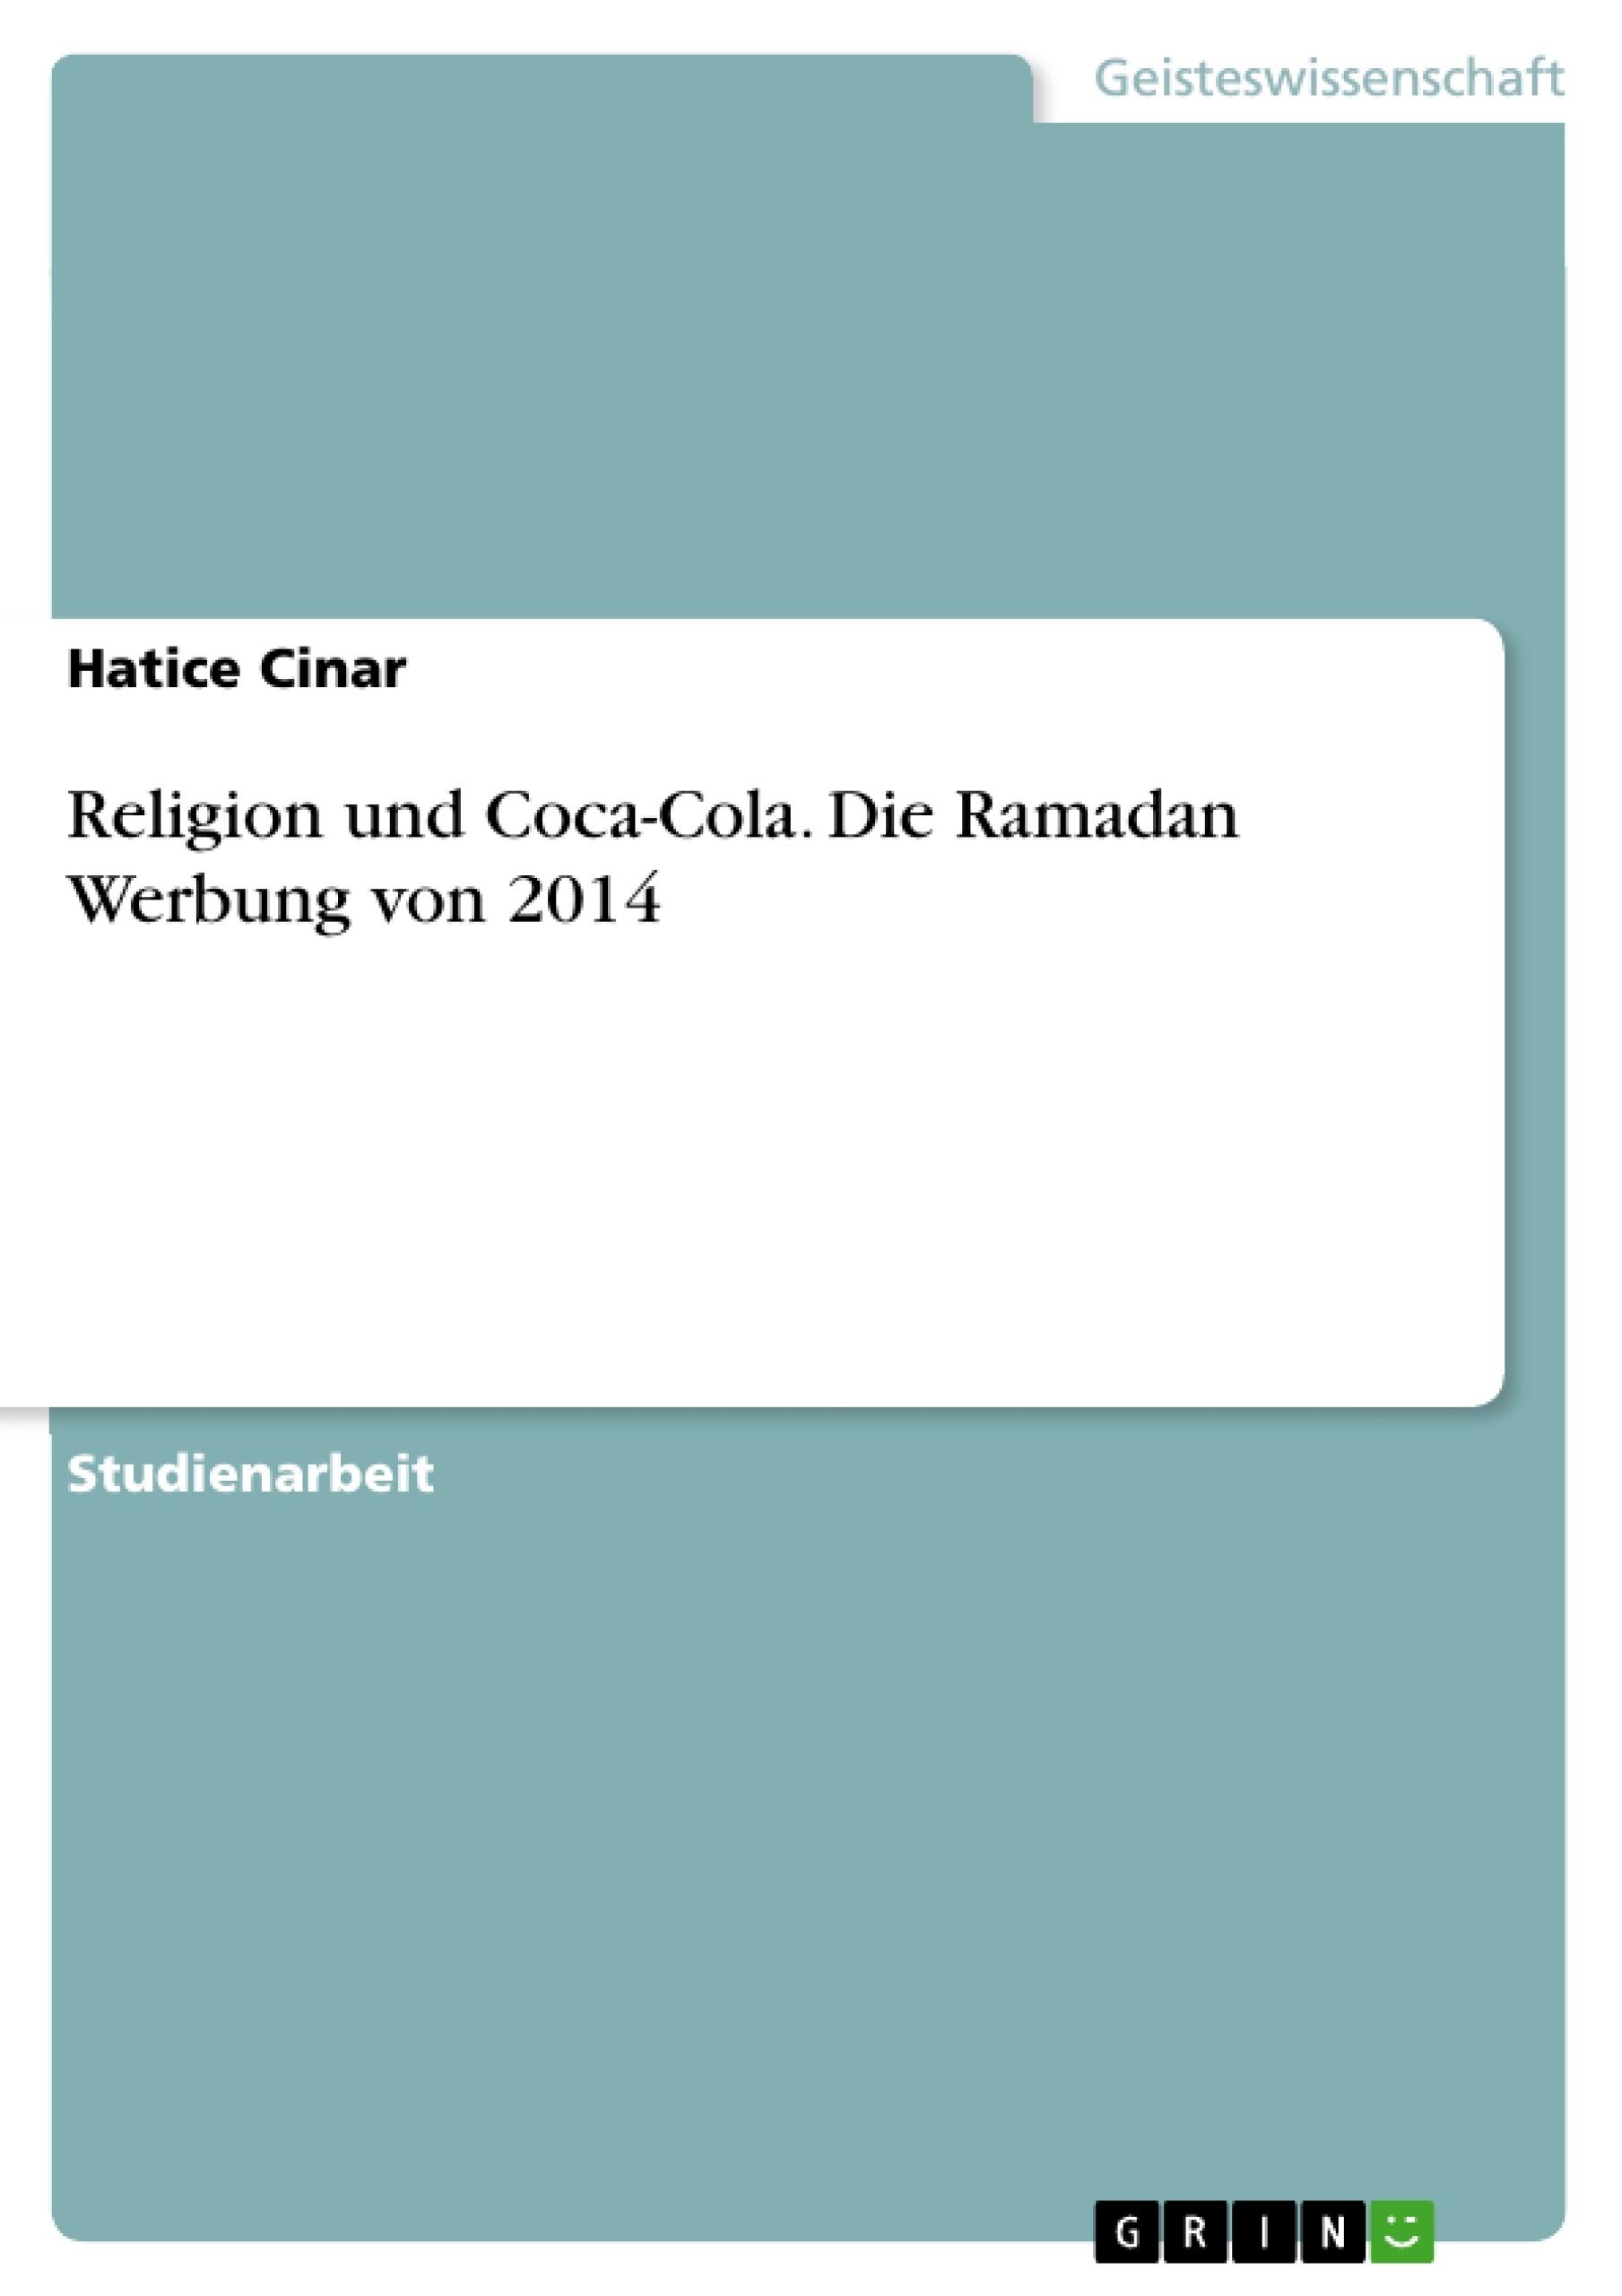 Titel: Religion und Coca-Cola. Die Ramadan Werbung von 2014